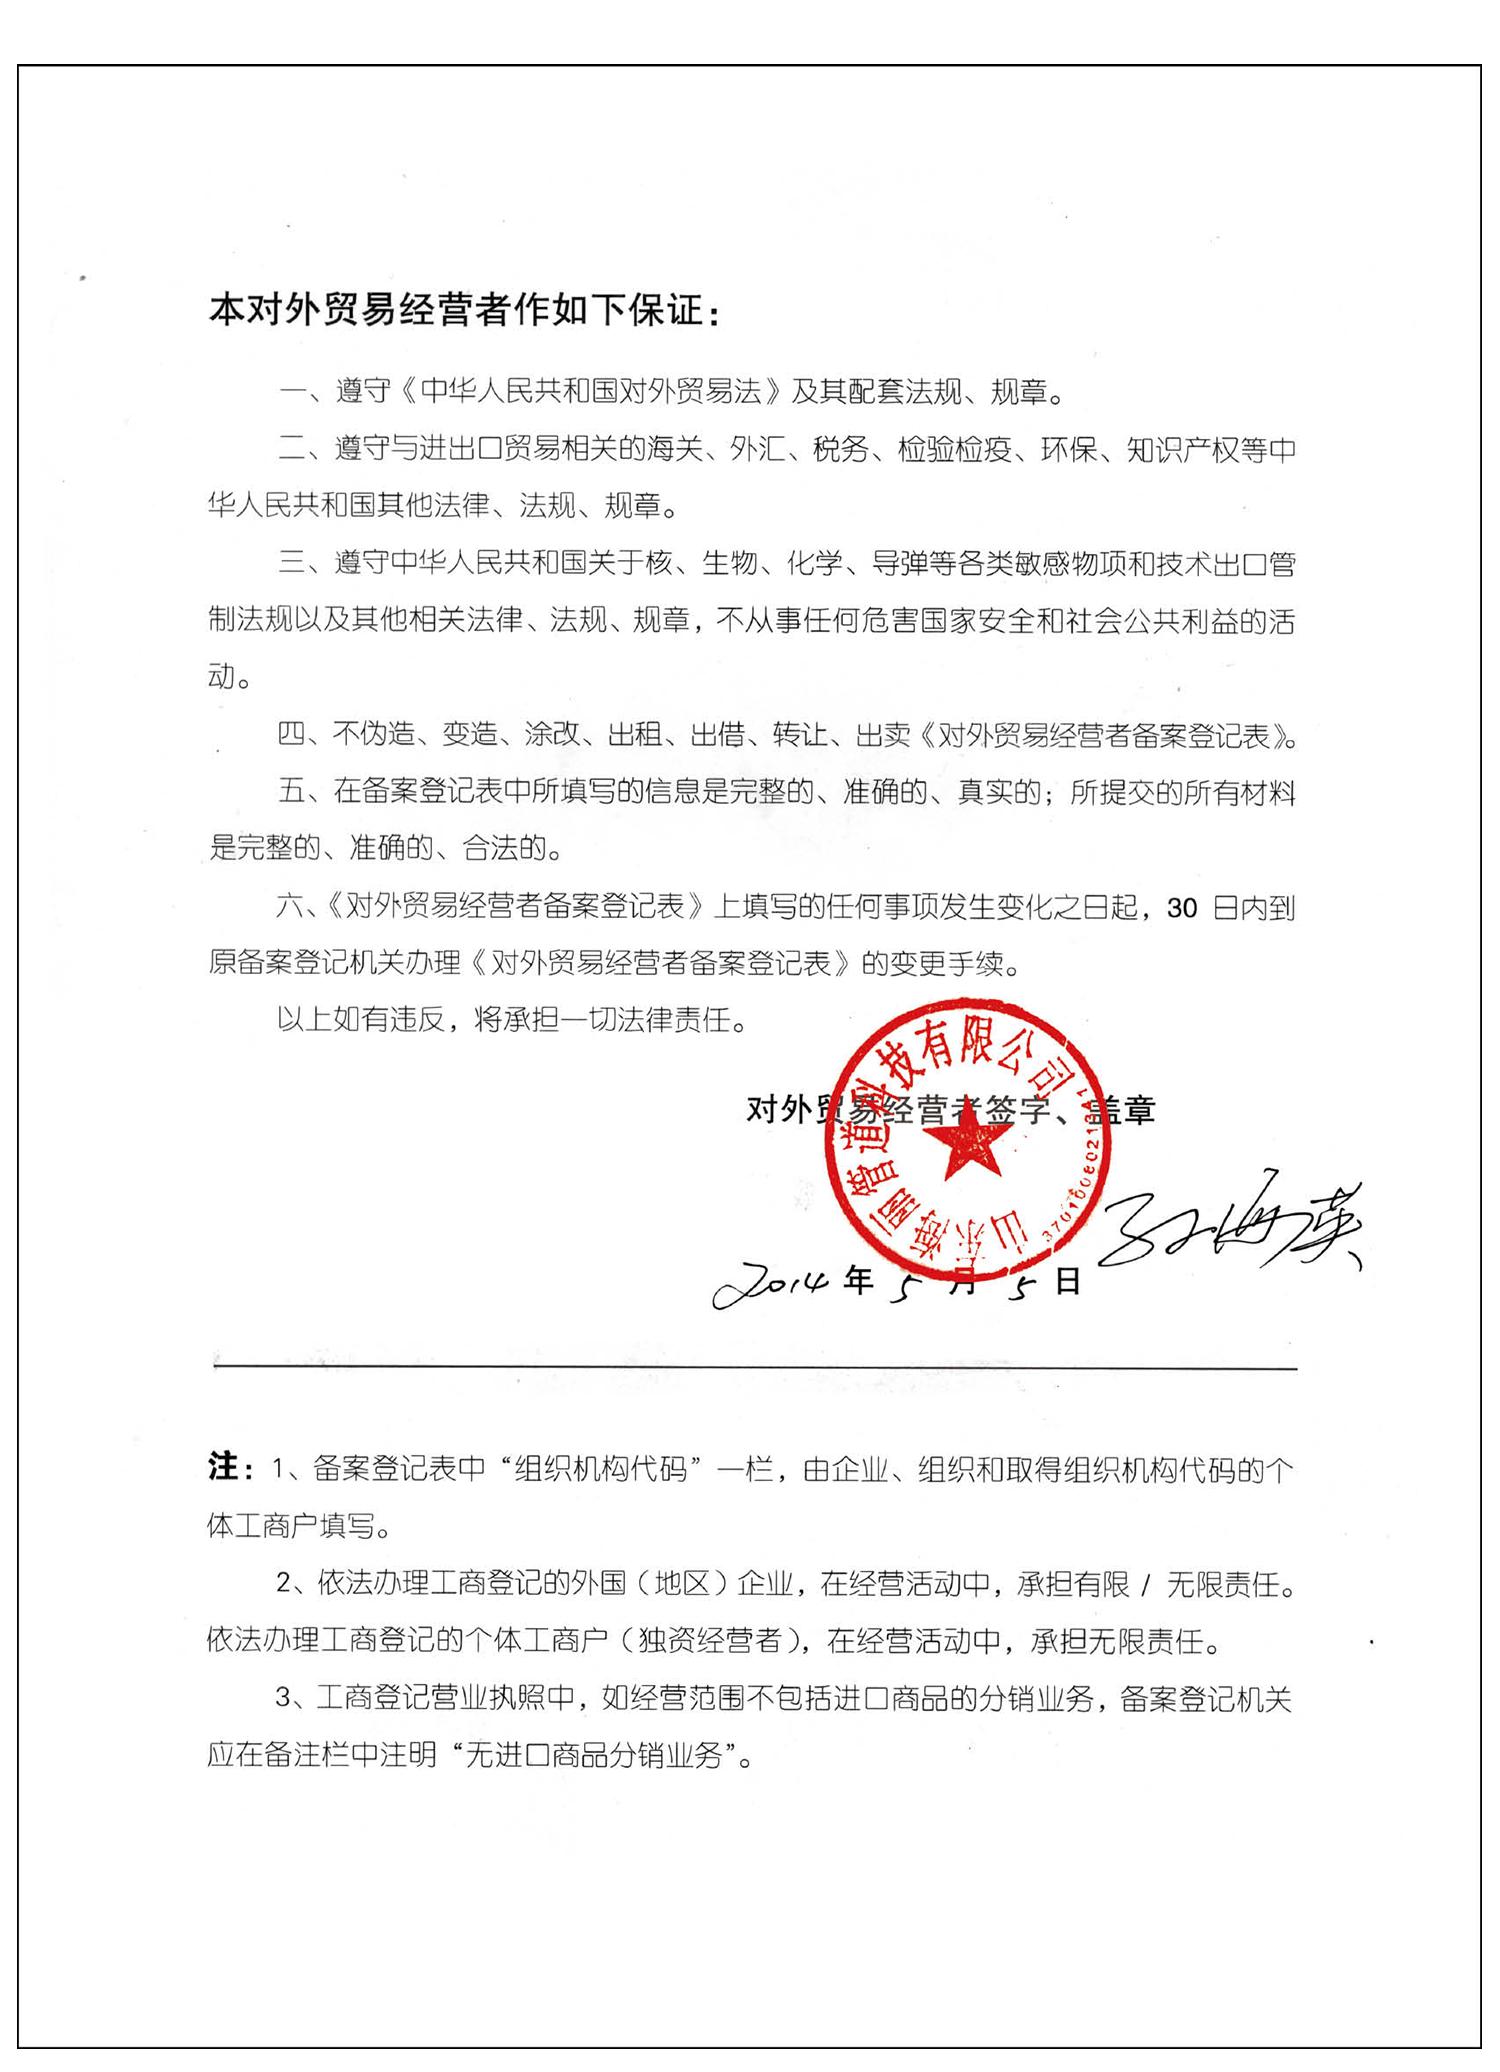 对外贸易经营者备案登记表2